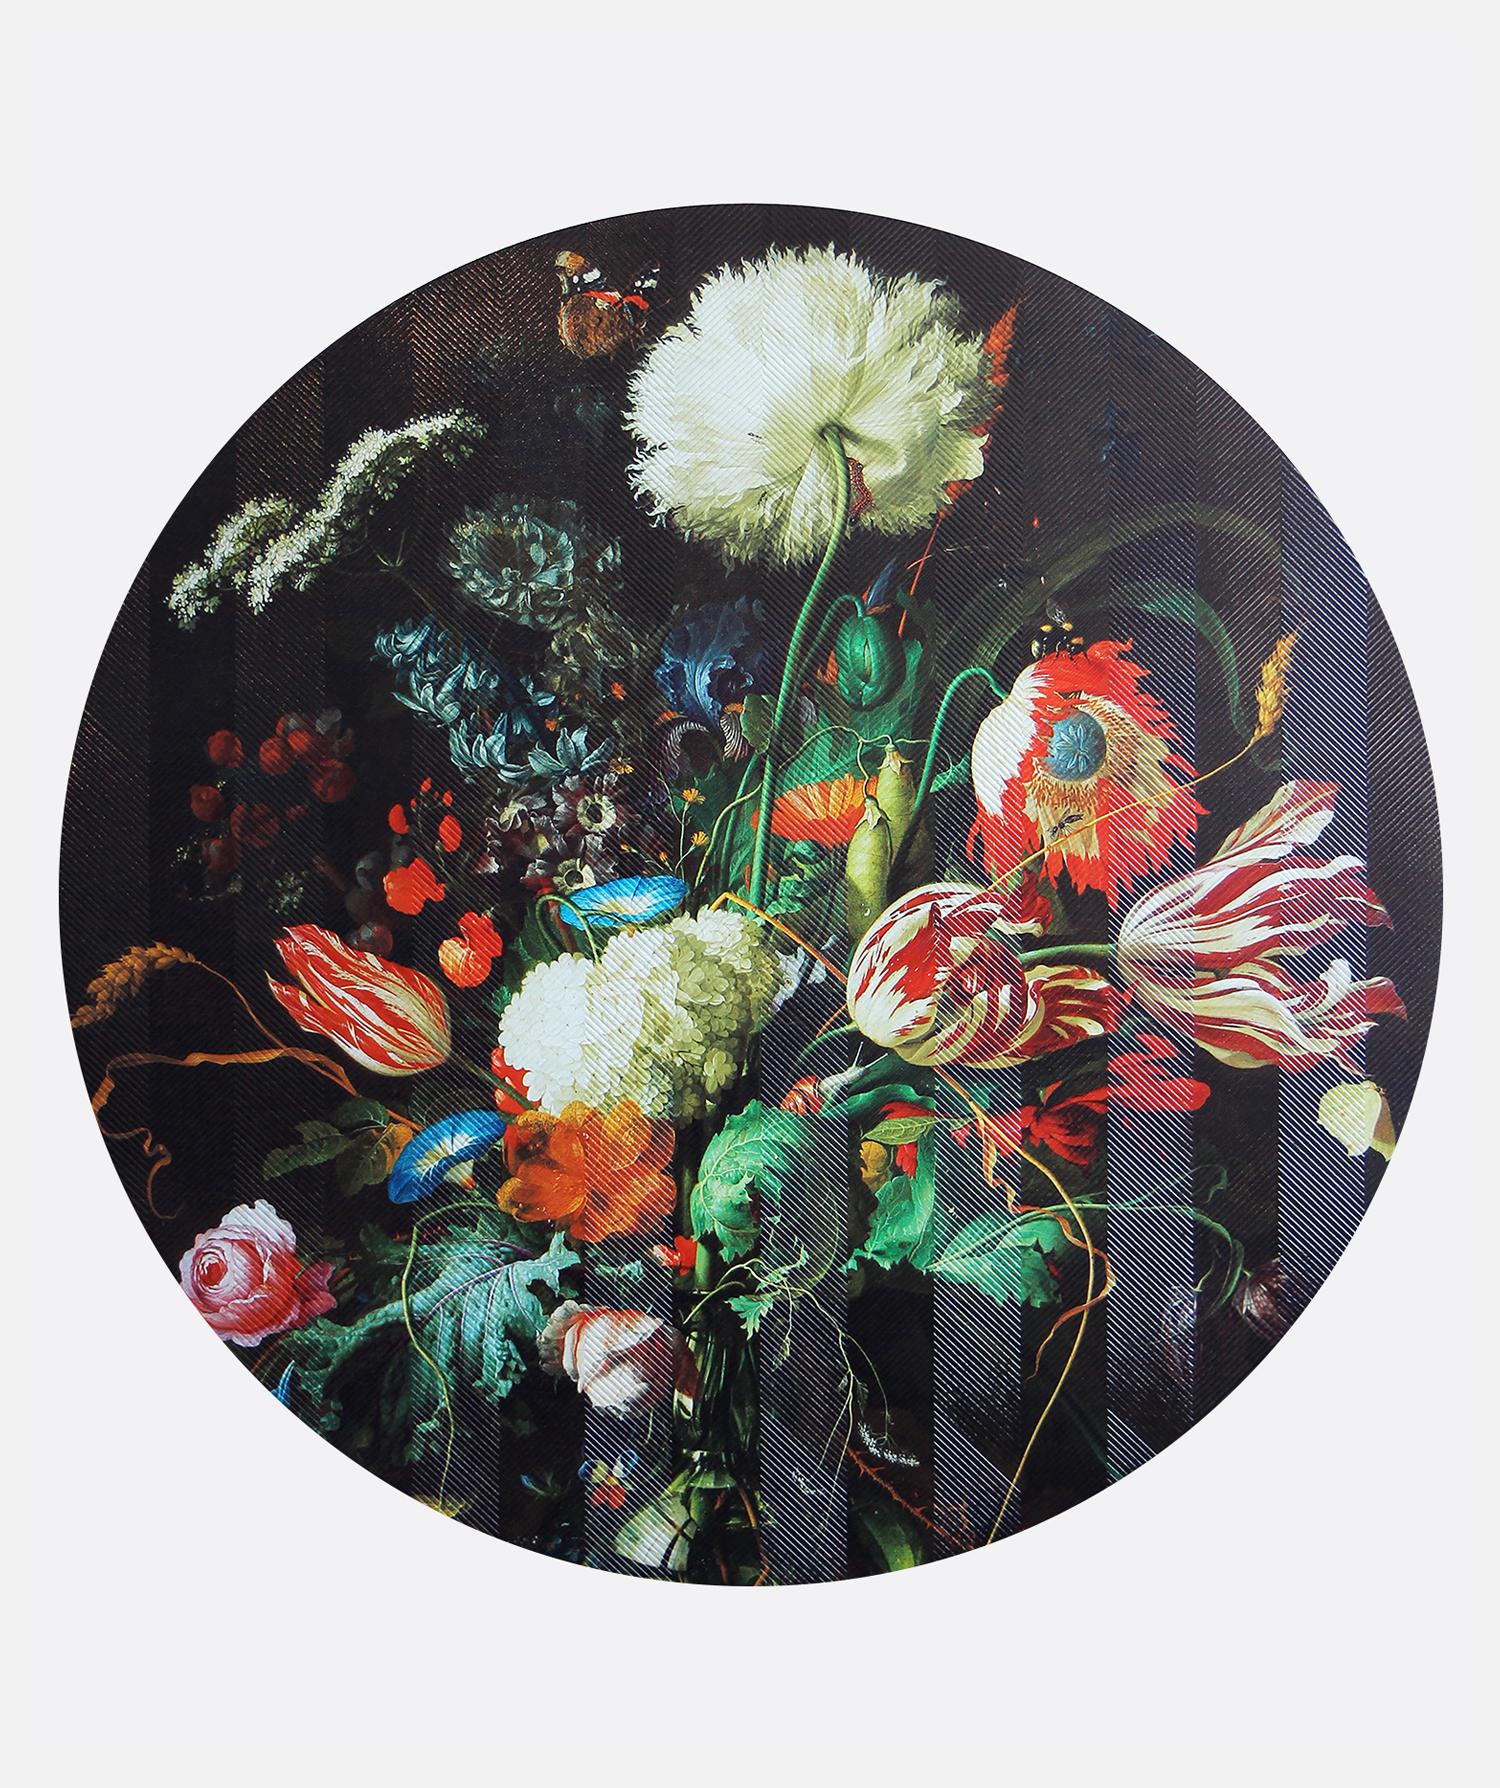 Charles-Lutz-Vase-of-Flowers-2015-1.jpg